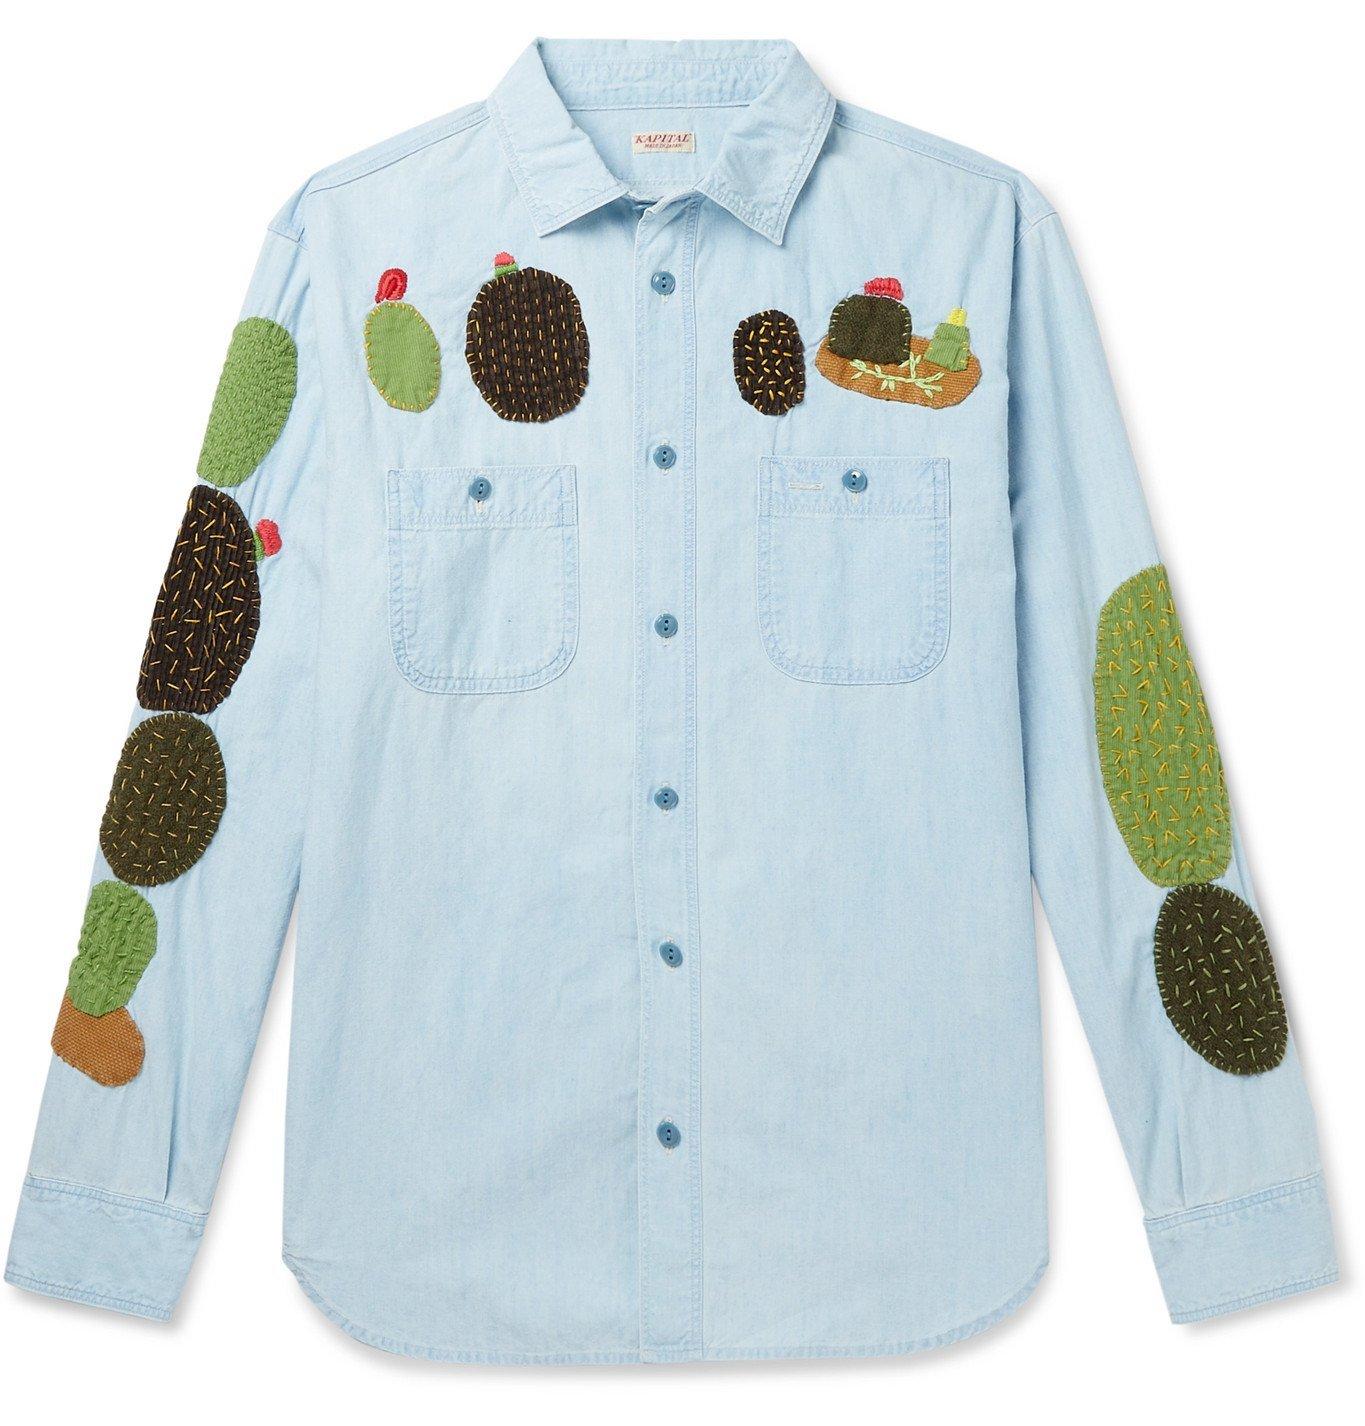 KAPITAL - Appliquéd Denim Shirt - Blue